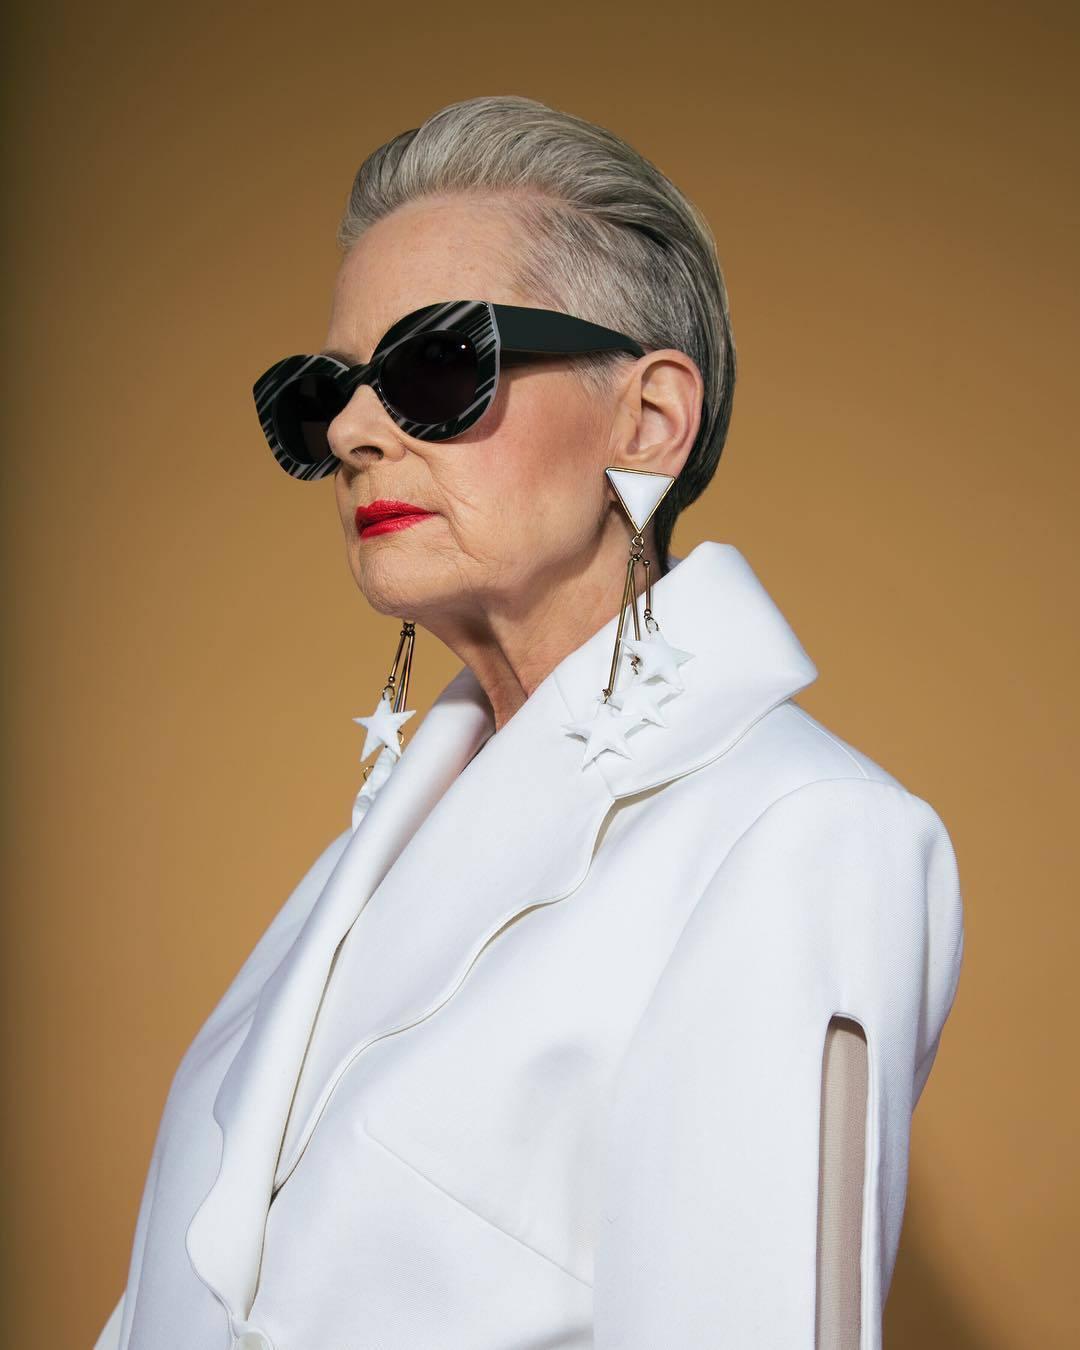 femme âgée avec une coiffure en arrière